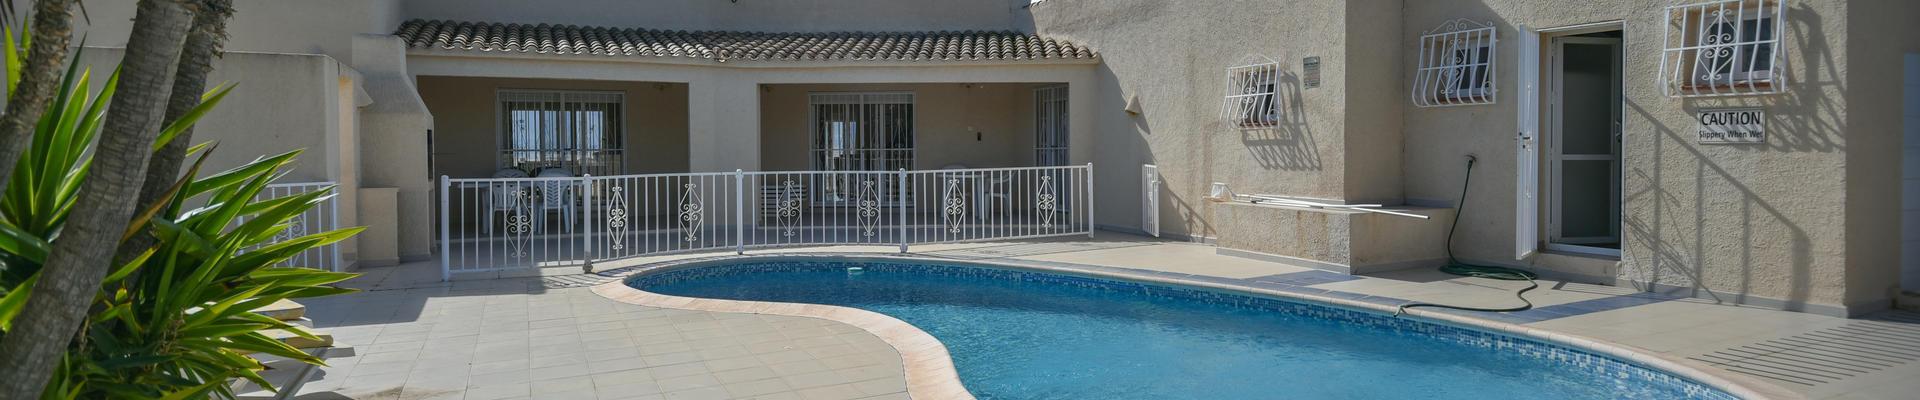 DV1441: 4 Bedroom Villa for Sale